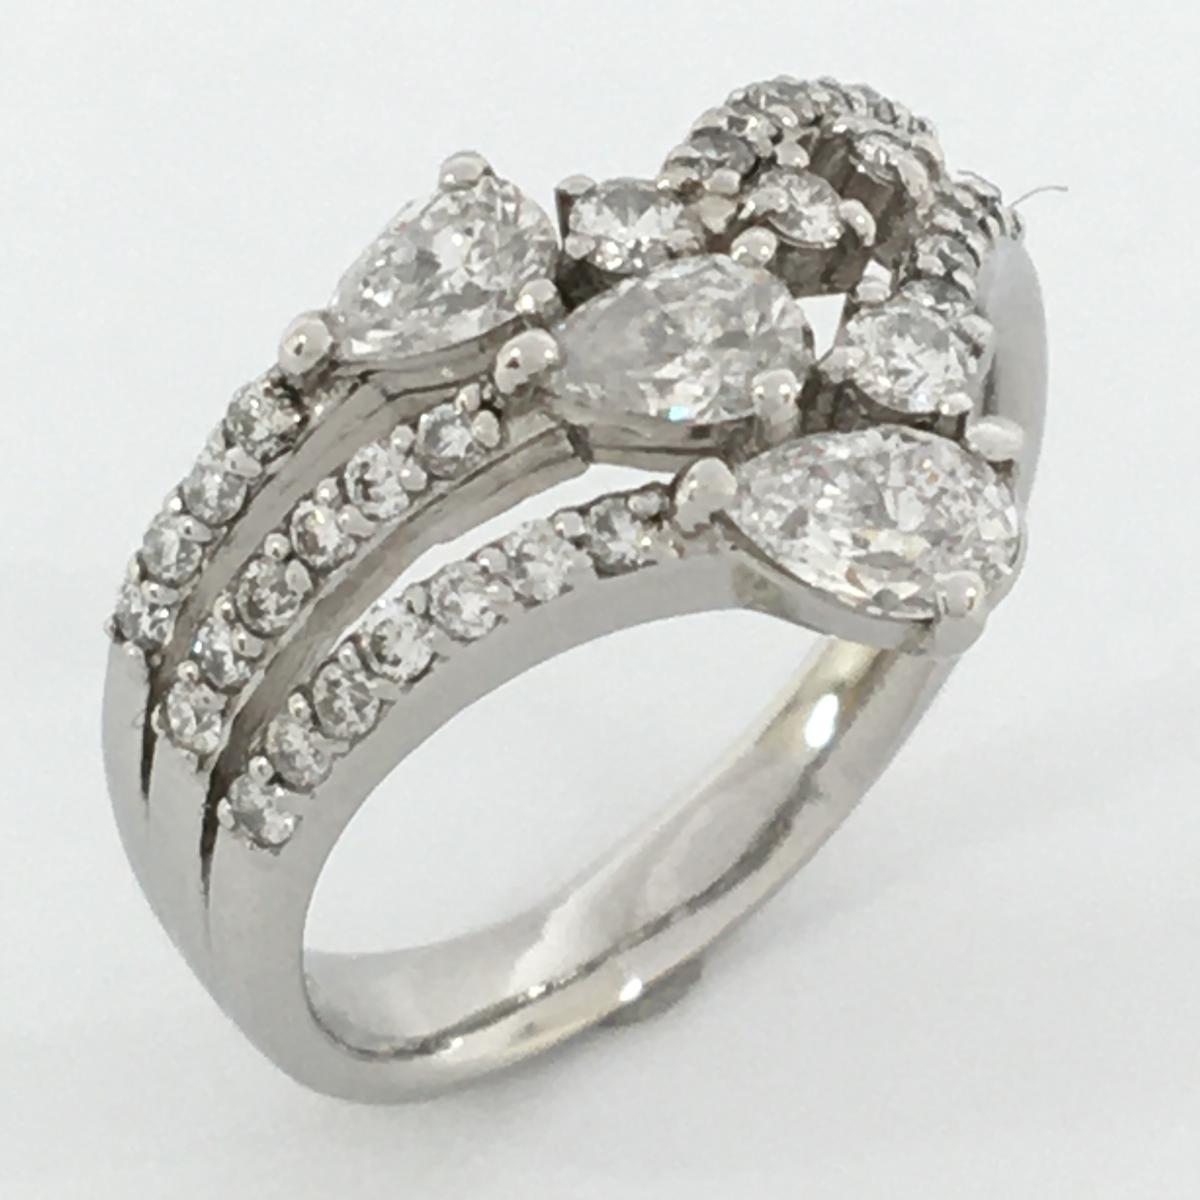 JEWELRY(ジュエリー)/ダイヤモンドリング 指輪/リング//PT900(プラチナ)×ダイヤモンド 0.52/0.74ct/【ランクS】/16号【中古】